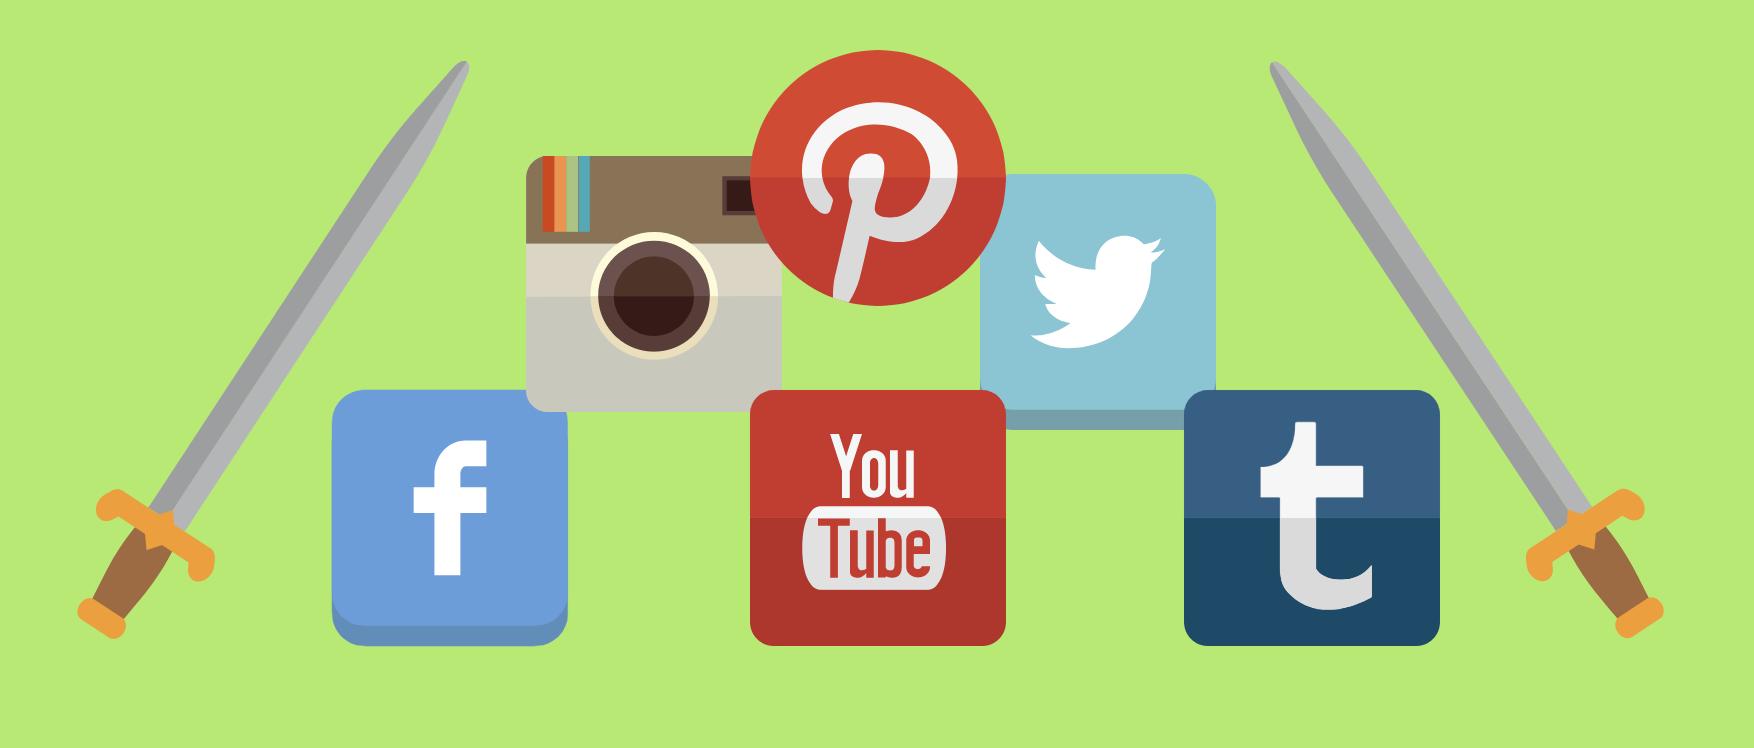 Negative press - Social media comments